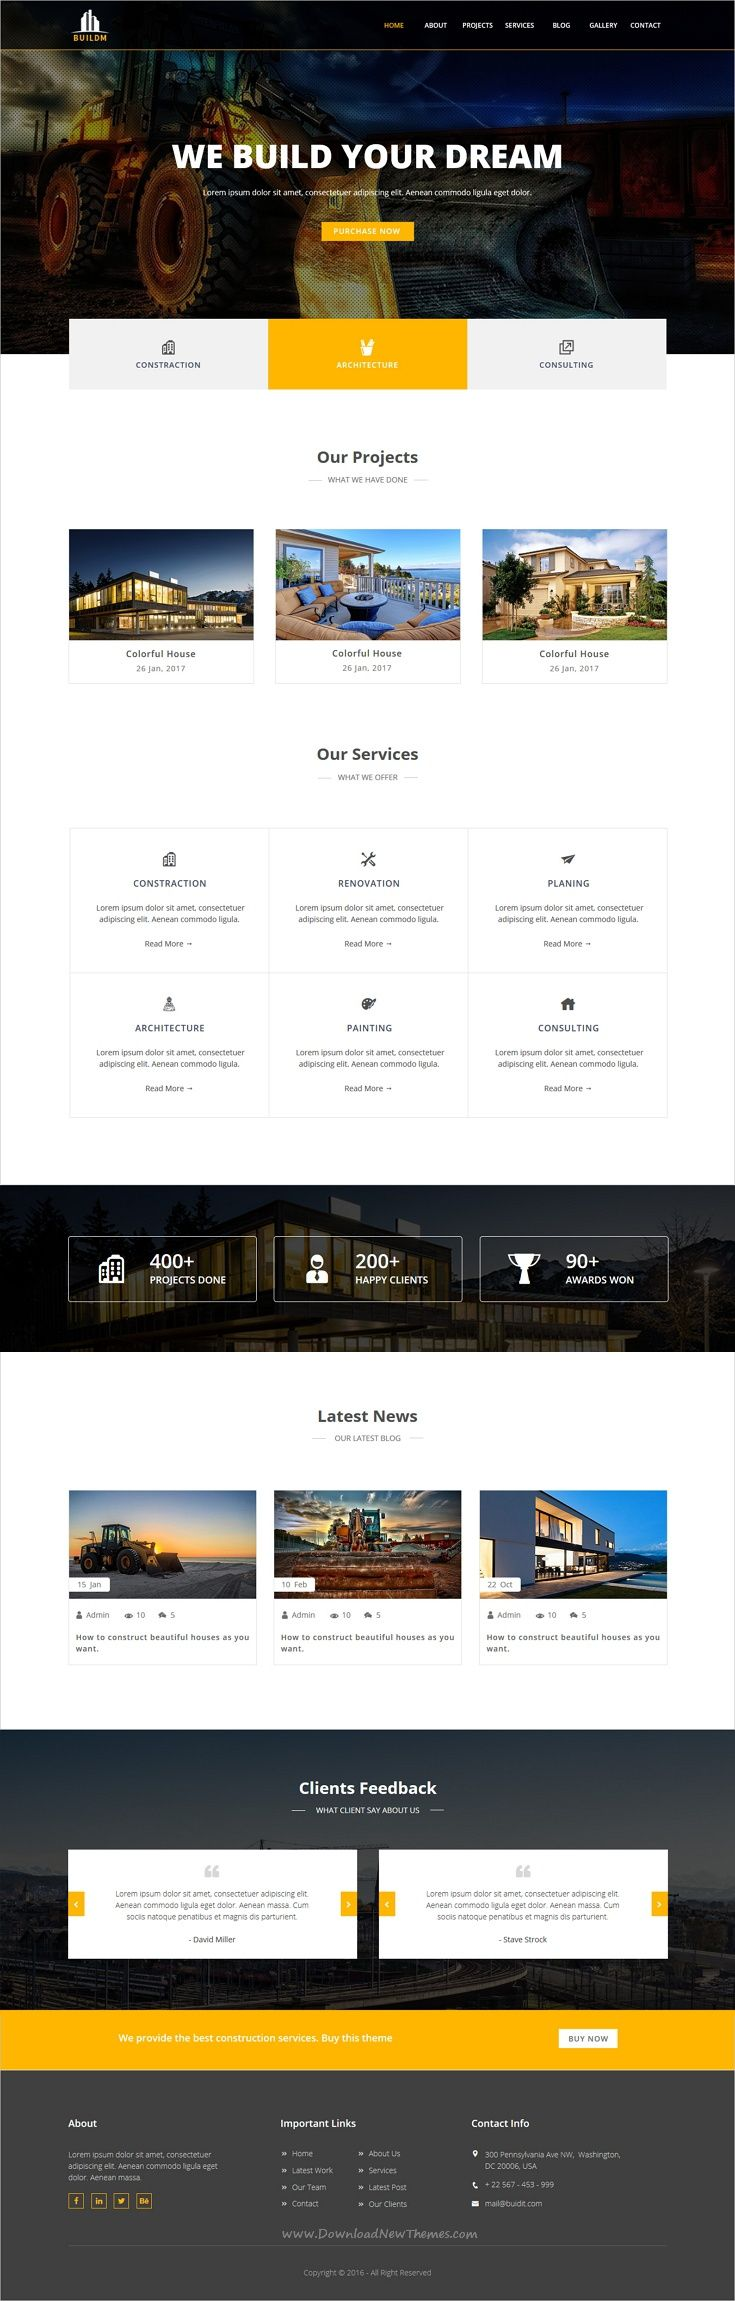 Tolle Beste Persönliche Website Vorlagen Galerie - Entry Level ...